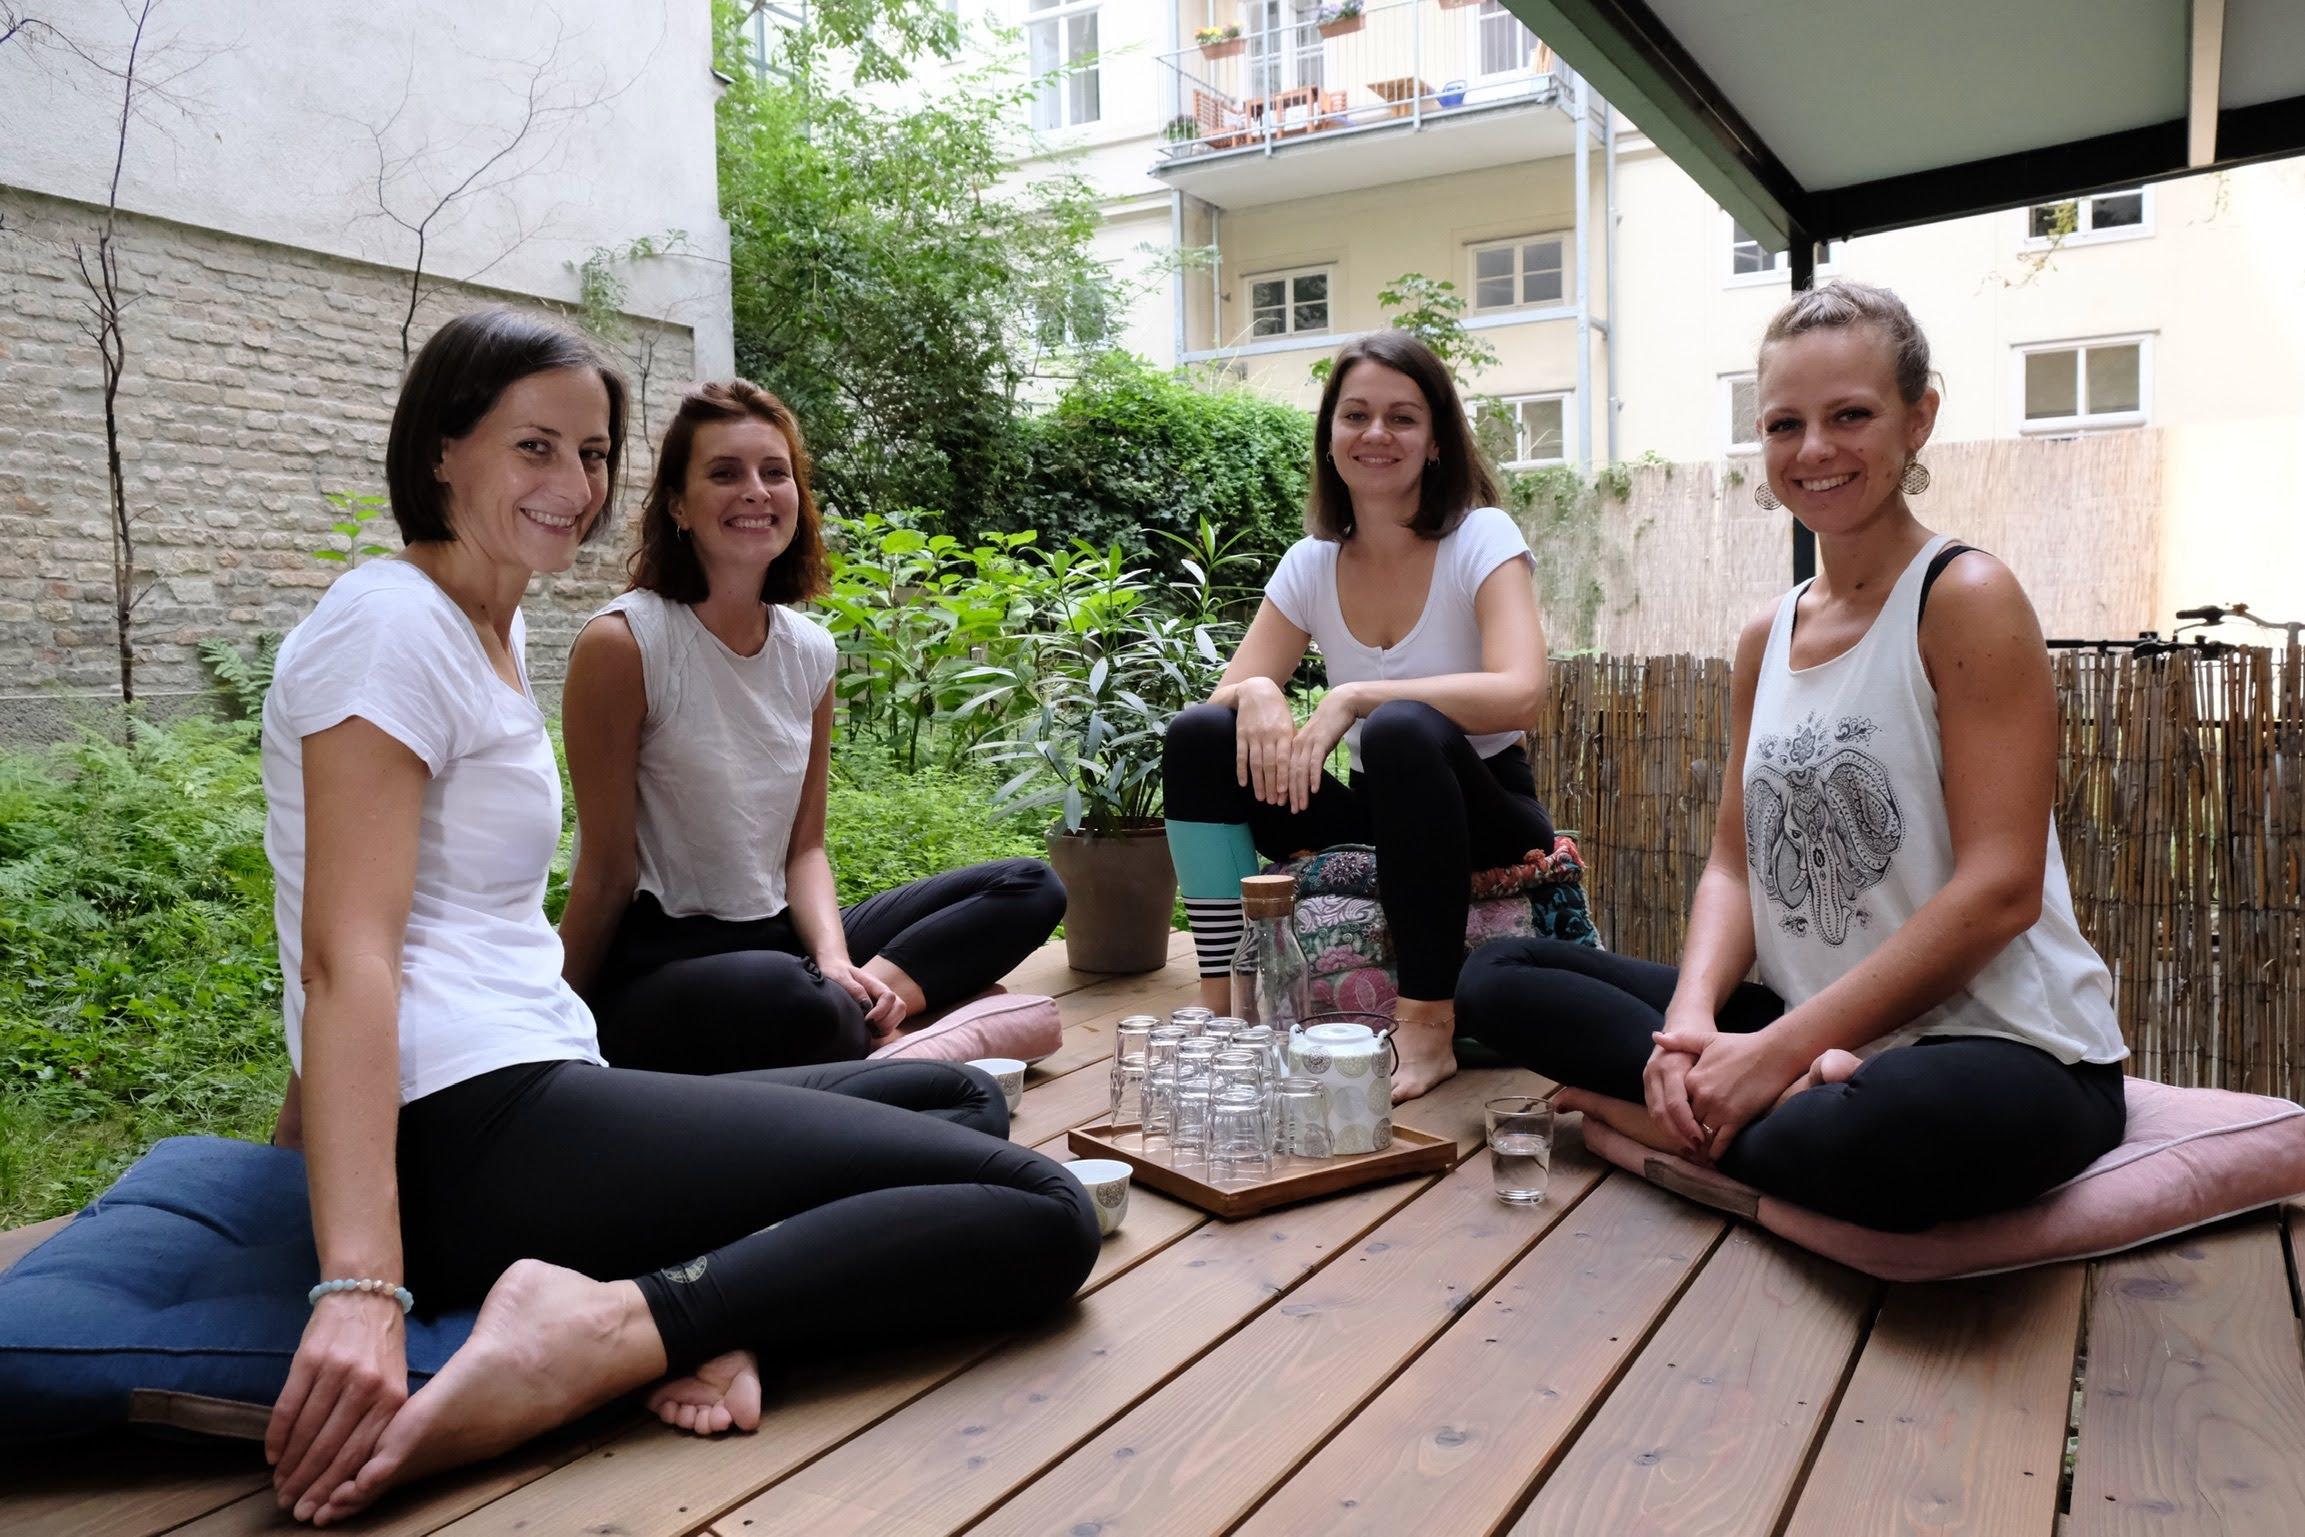 Klaudia, Elli, Katharina und Magdalena sitzen bei Tee und Wasser auf der Terrasse und lächeln in die Kamera